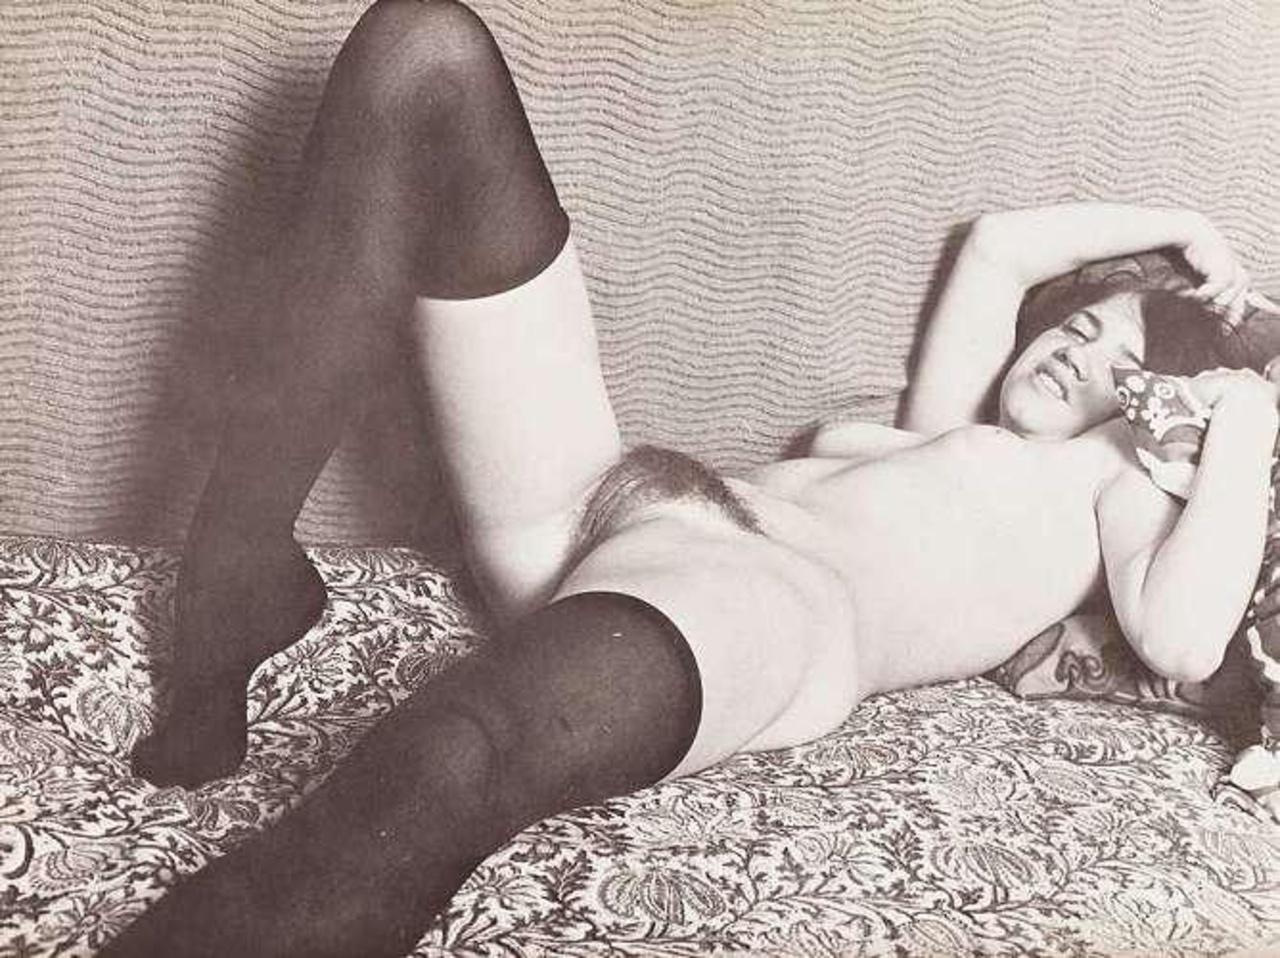 Фото ретро чулки порно, Ретро порно фото. Старое секс фото 11 фотография